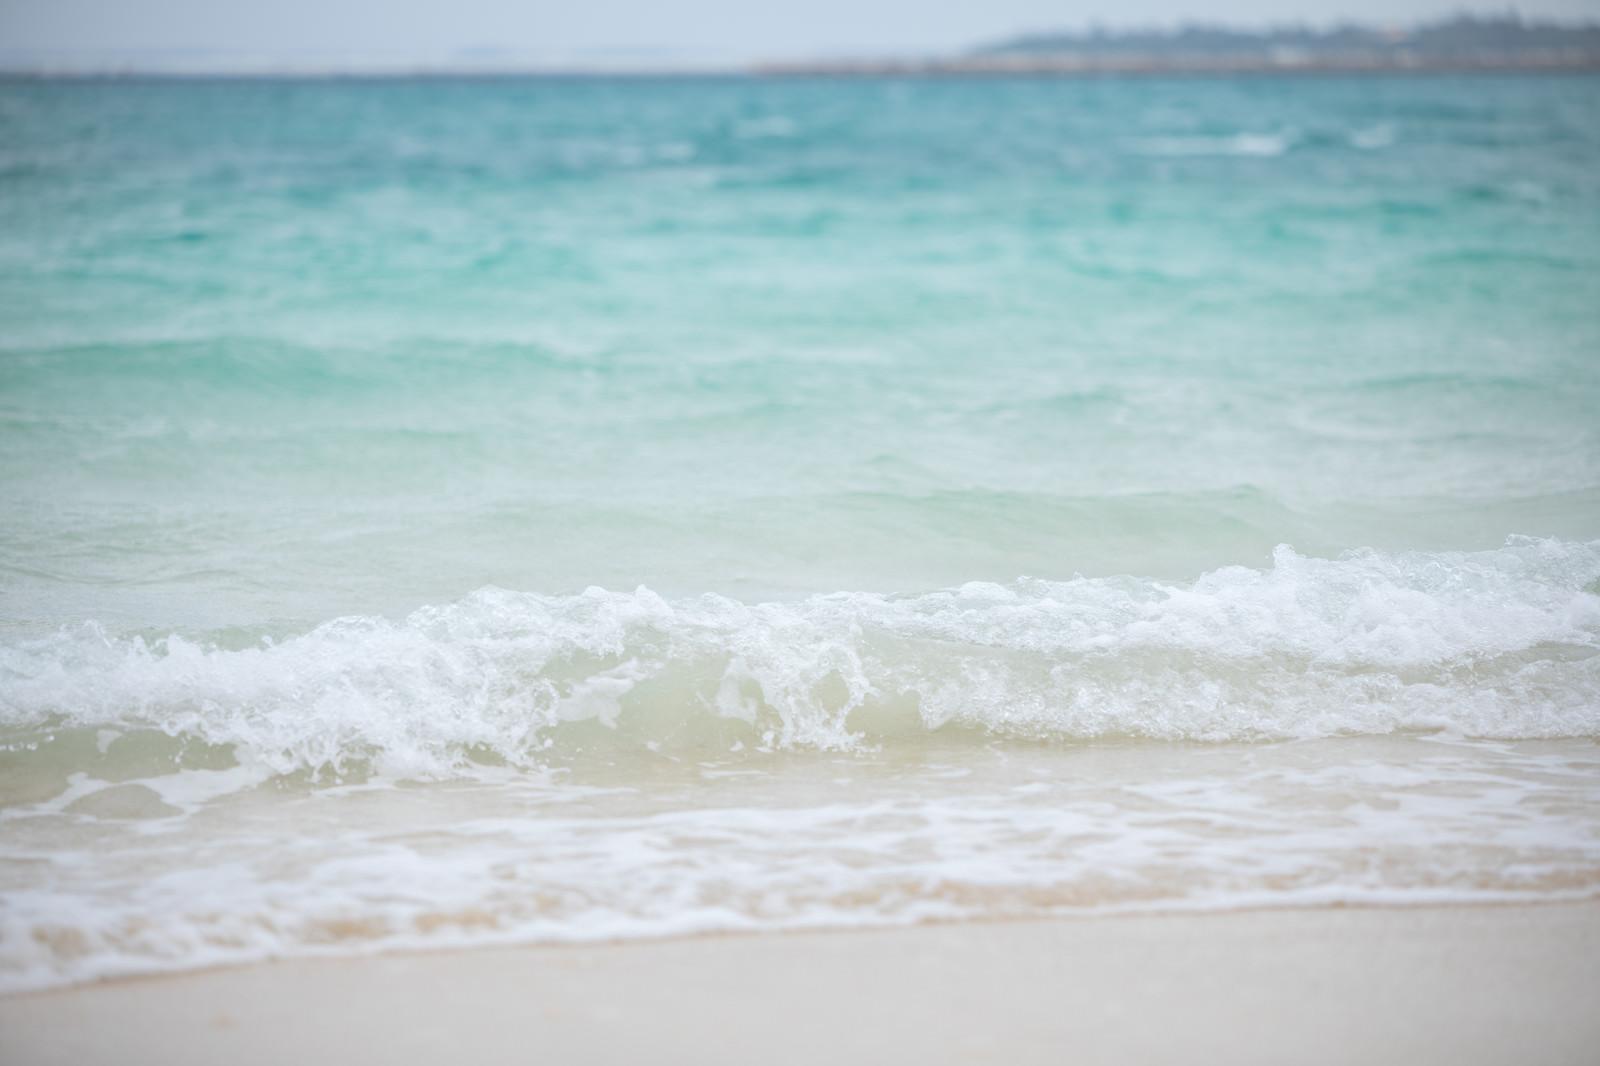 「波打ち際ザパー」の写真